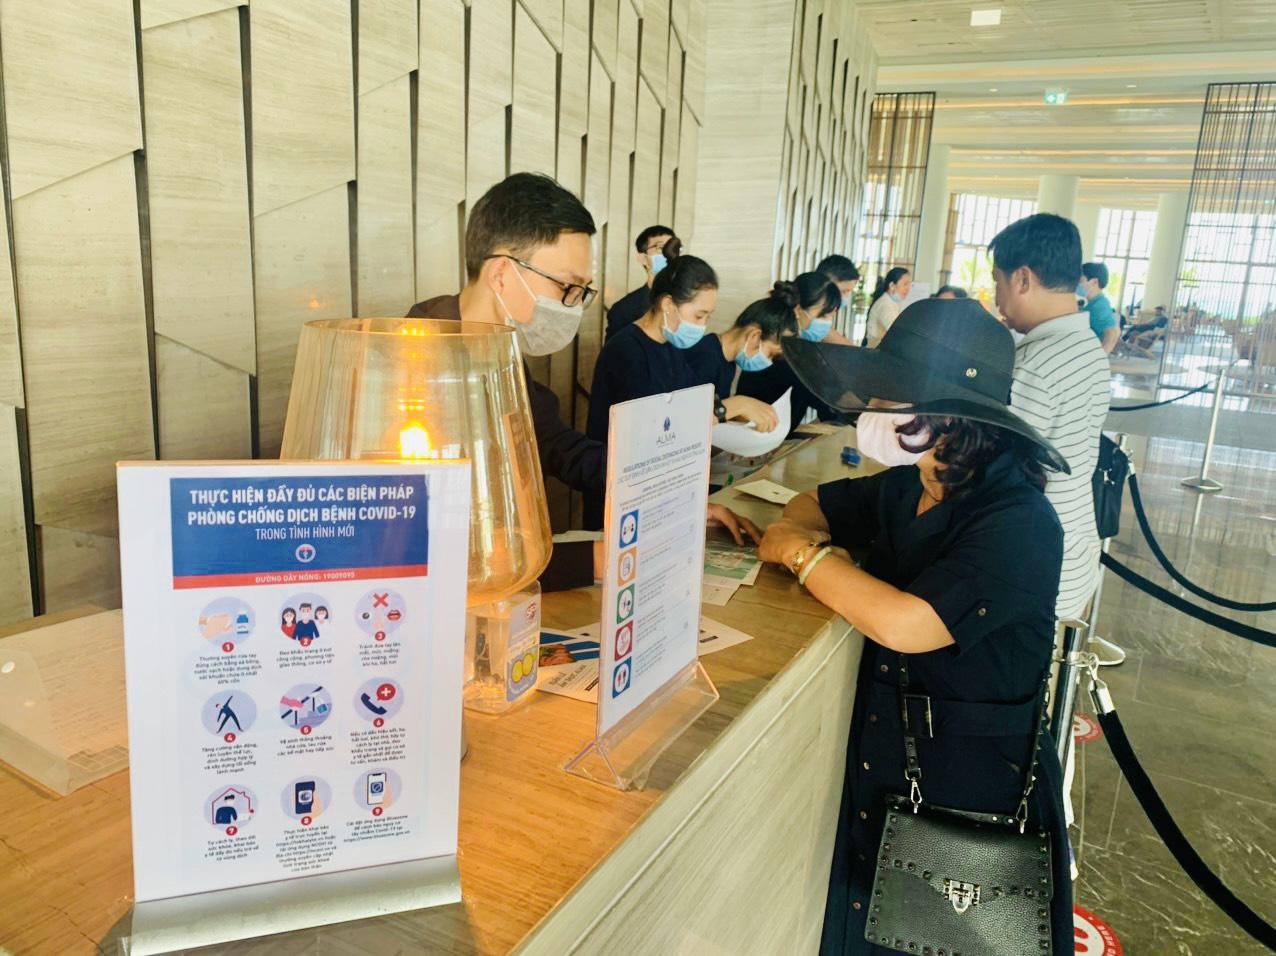 Khánh Hòa: Tiếp tục tăng cường các biện pháp phòng, chống dịch Covid-19 trong cơ sở kinh doanh du lịch